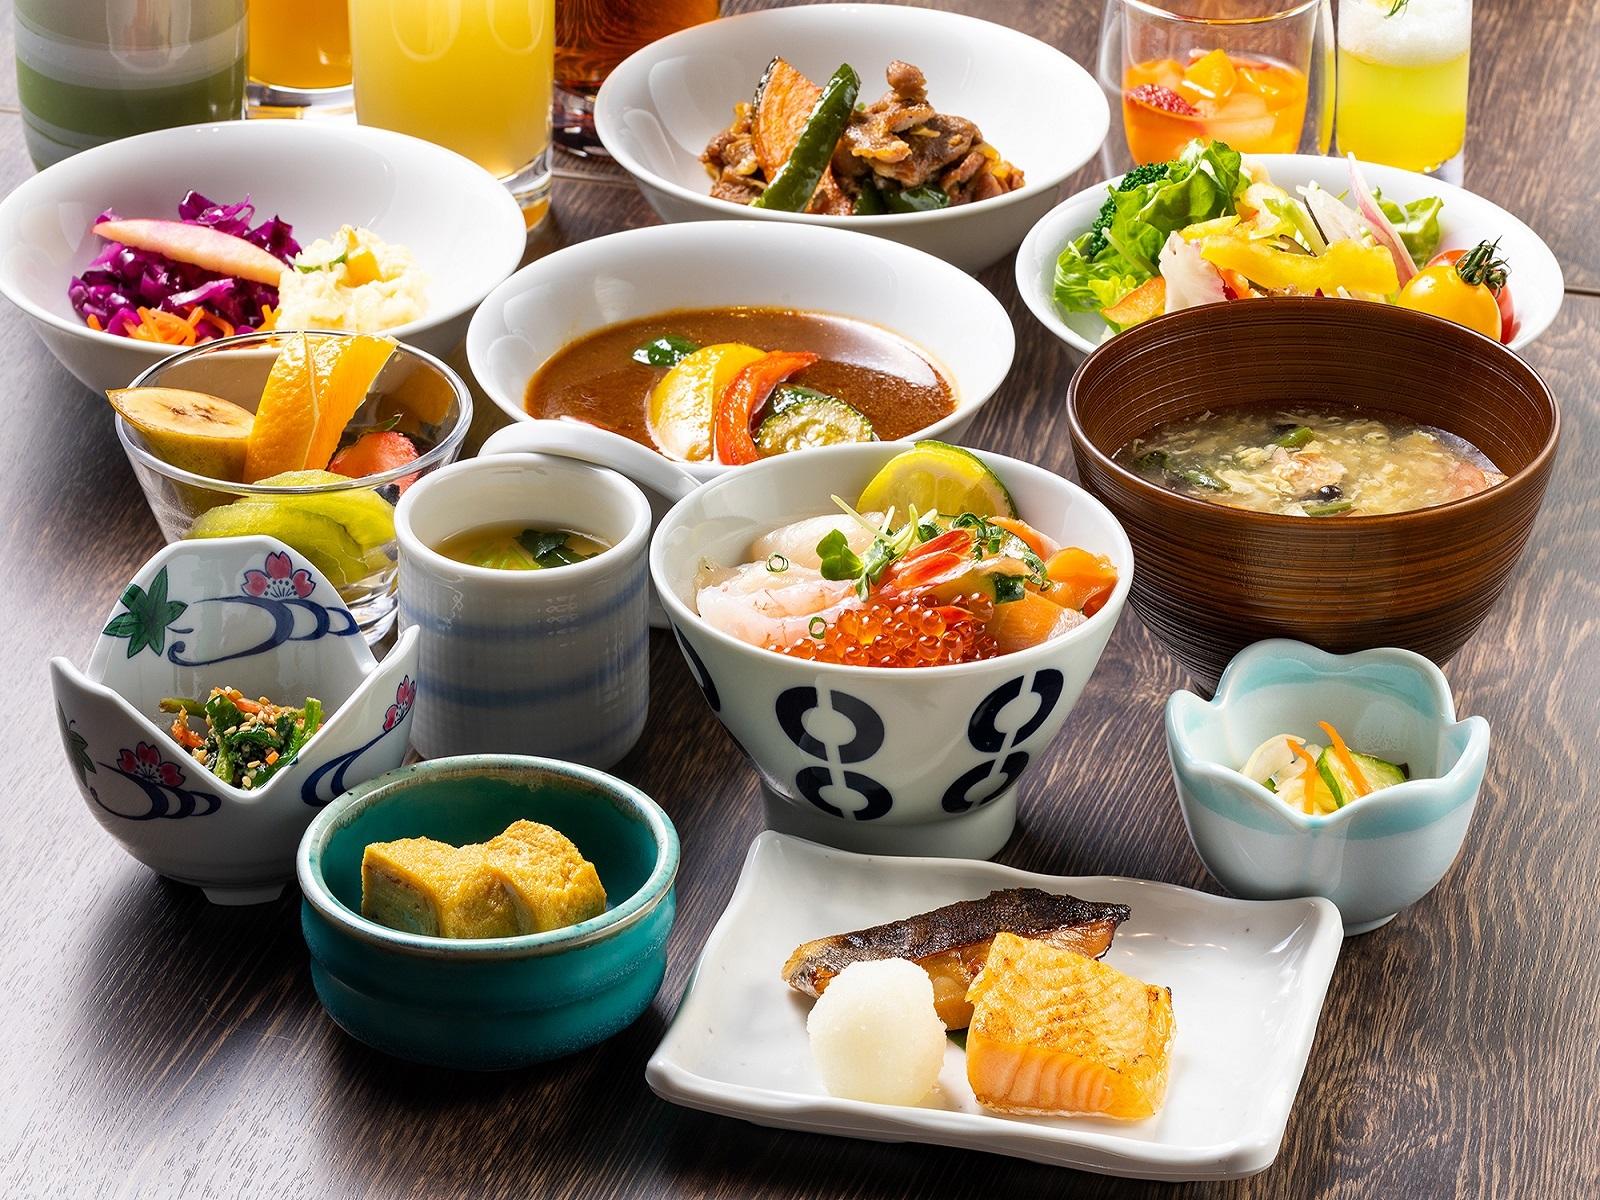 ソラリア西鉄ホテル札幌 スタンダードプラン【朝食付】